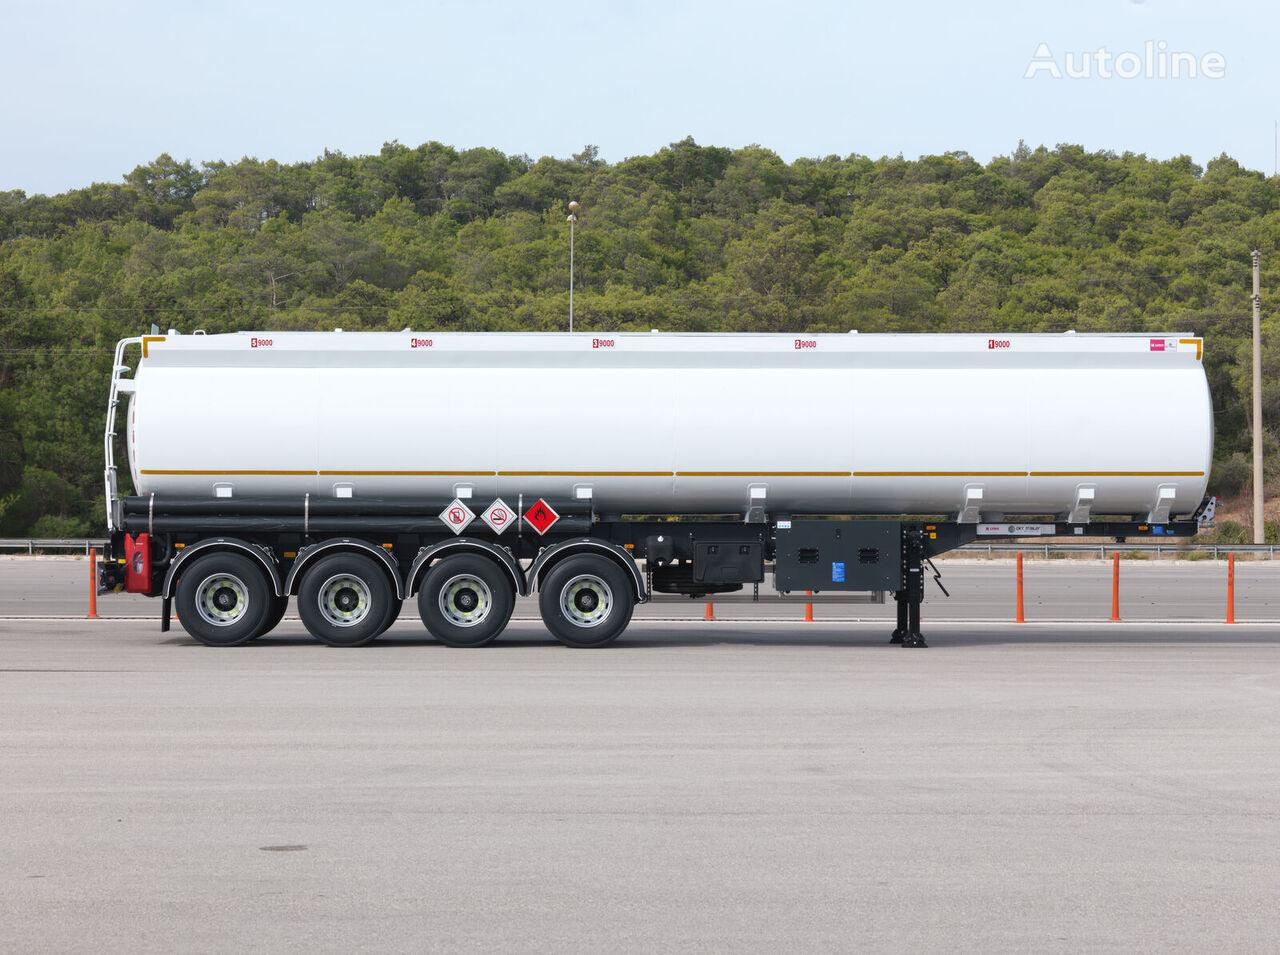 جديد شاحنة الصهريج OKT TRAILER 45 m3 ELIPTIC TANKER SEMI TRAILER